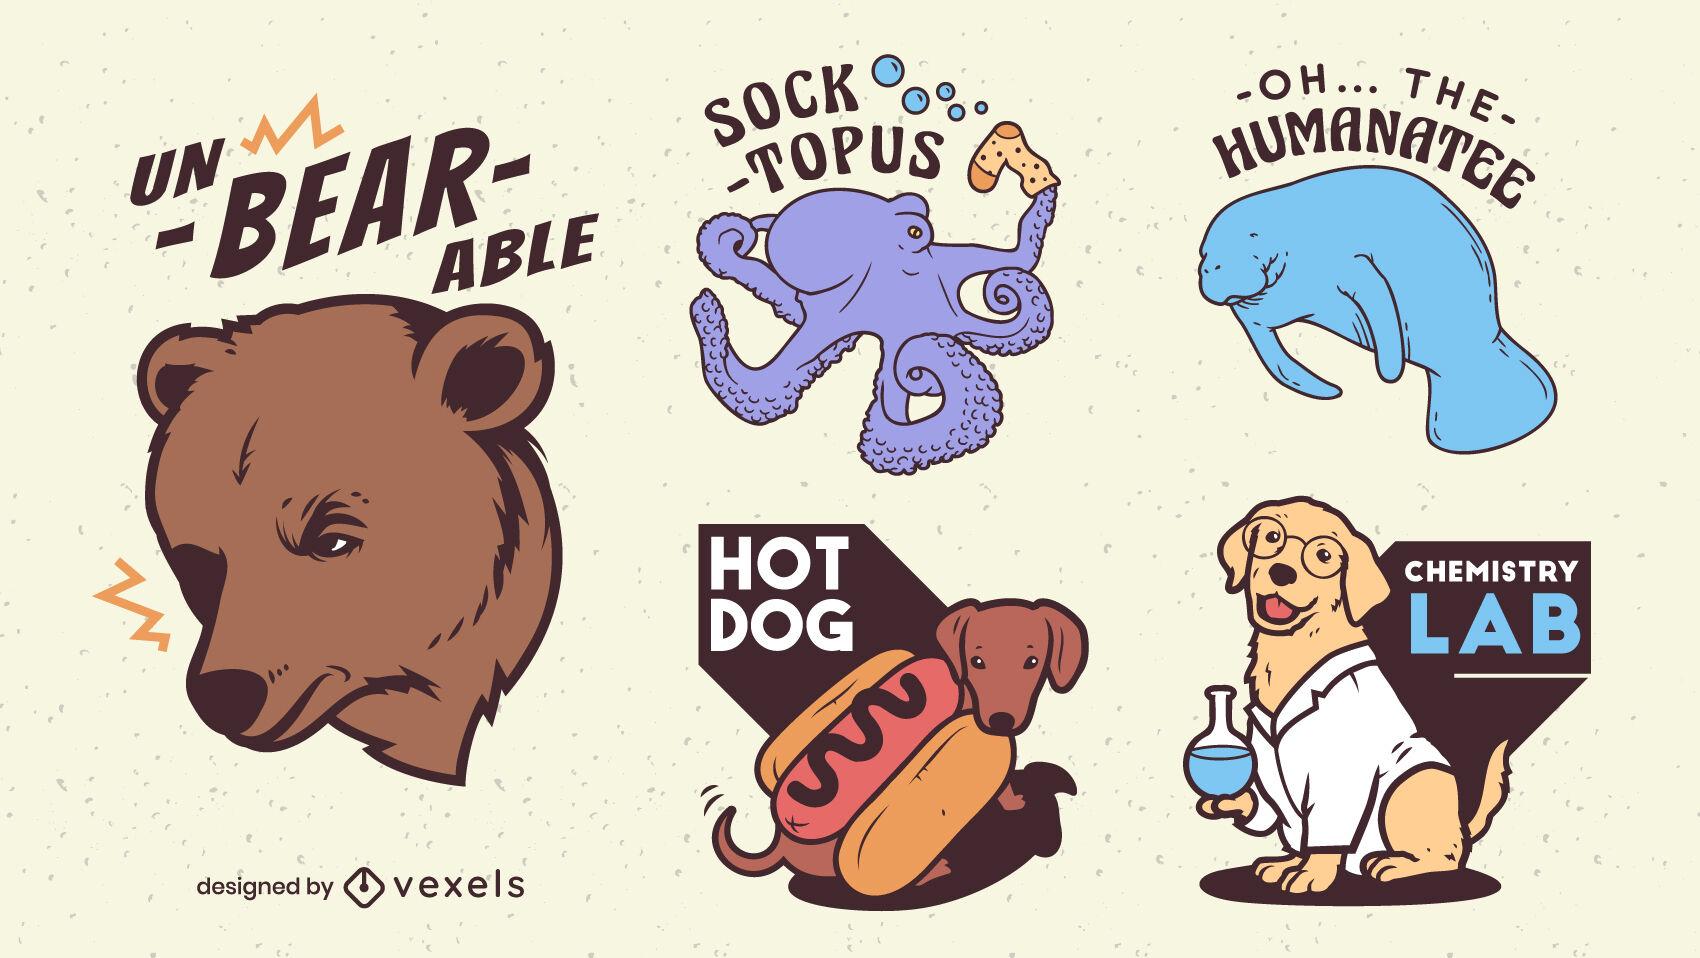 Divertido juego de pegatinas con frases de juego de palabras de animales